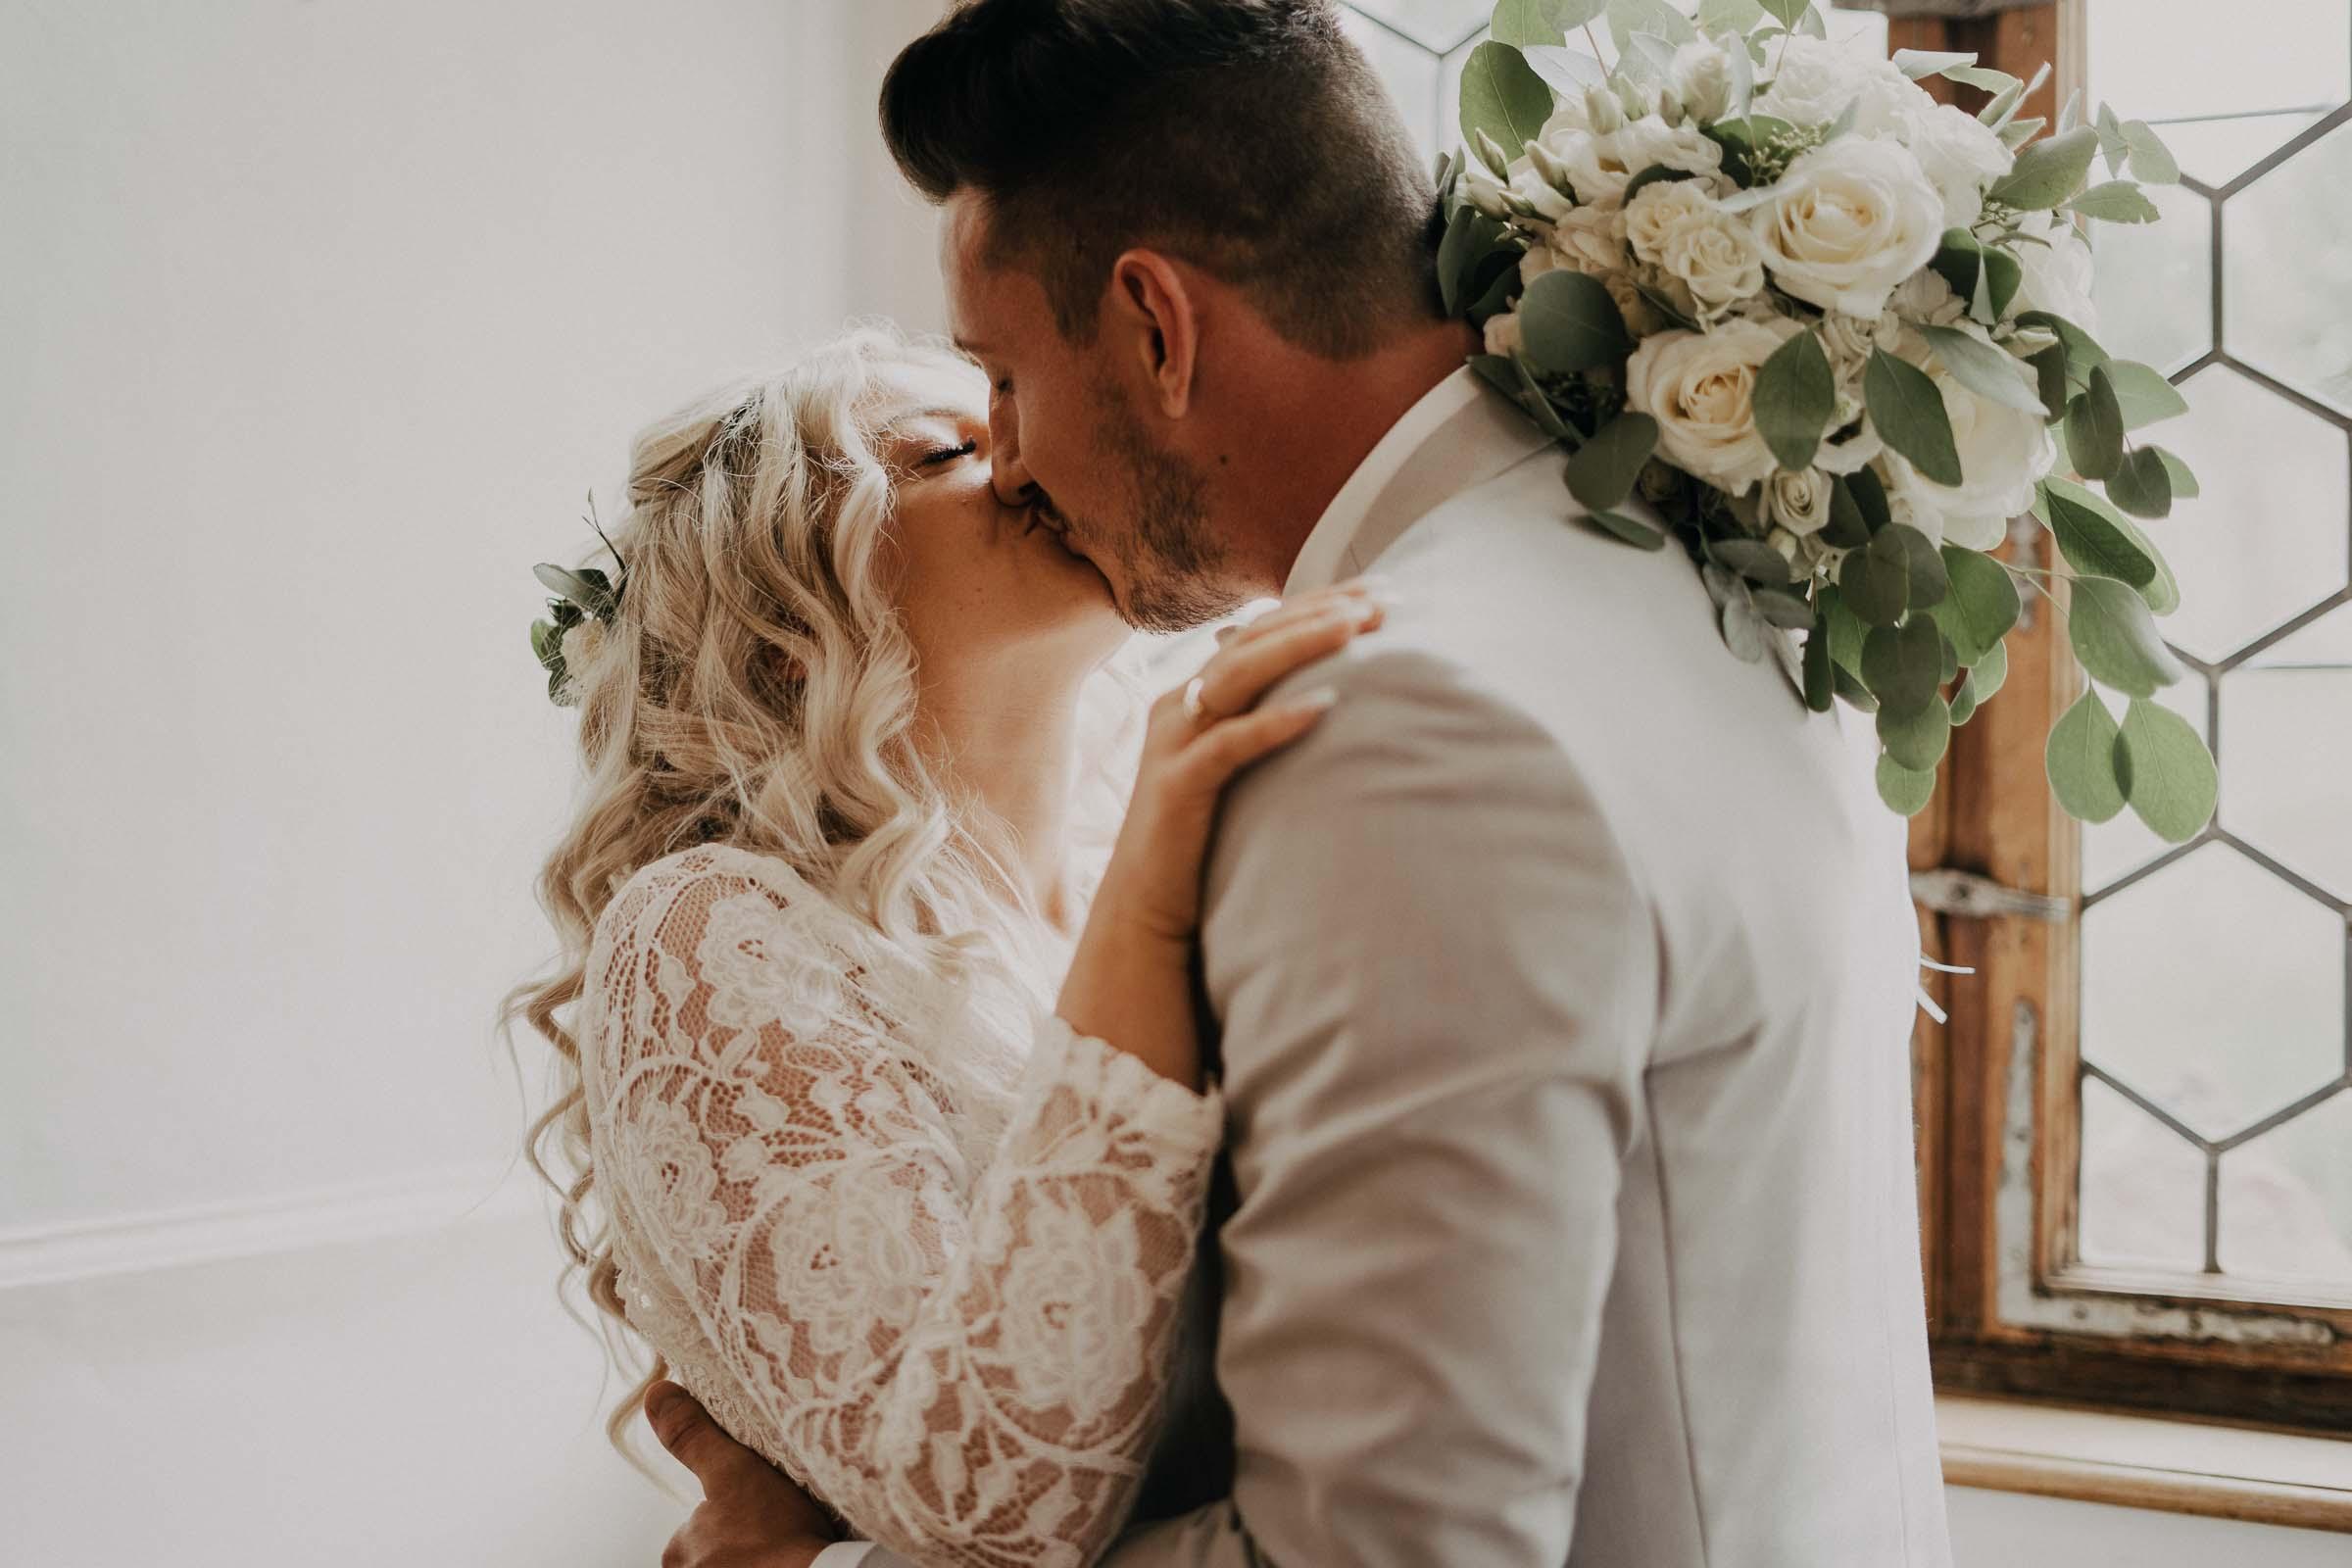 Das Brautpaar küsst sich vor einem Fenster.